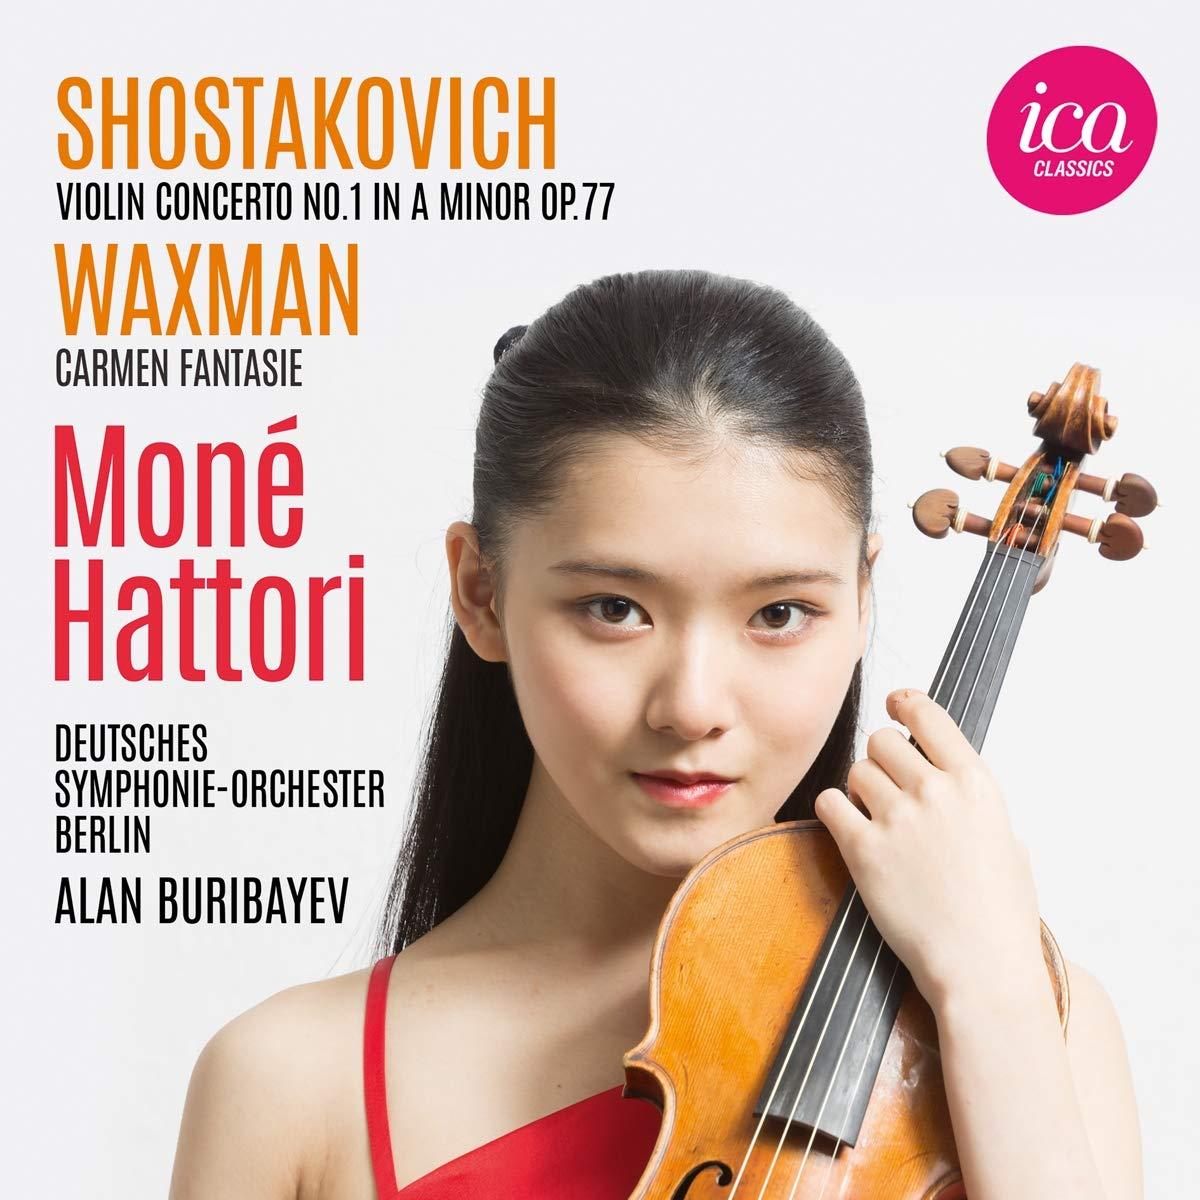 Moné Hattori 22